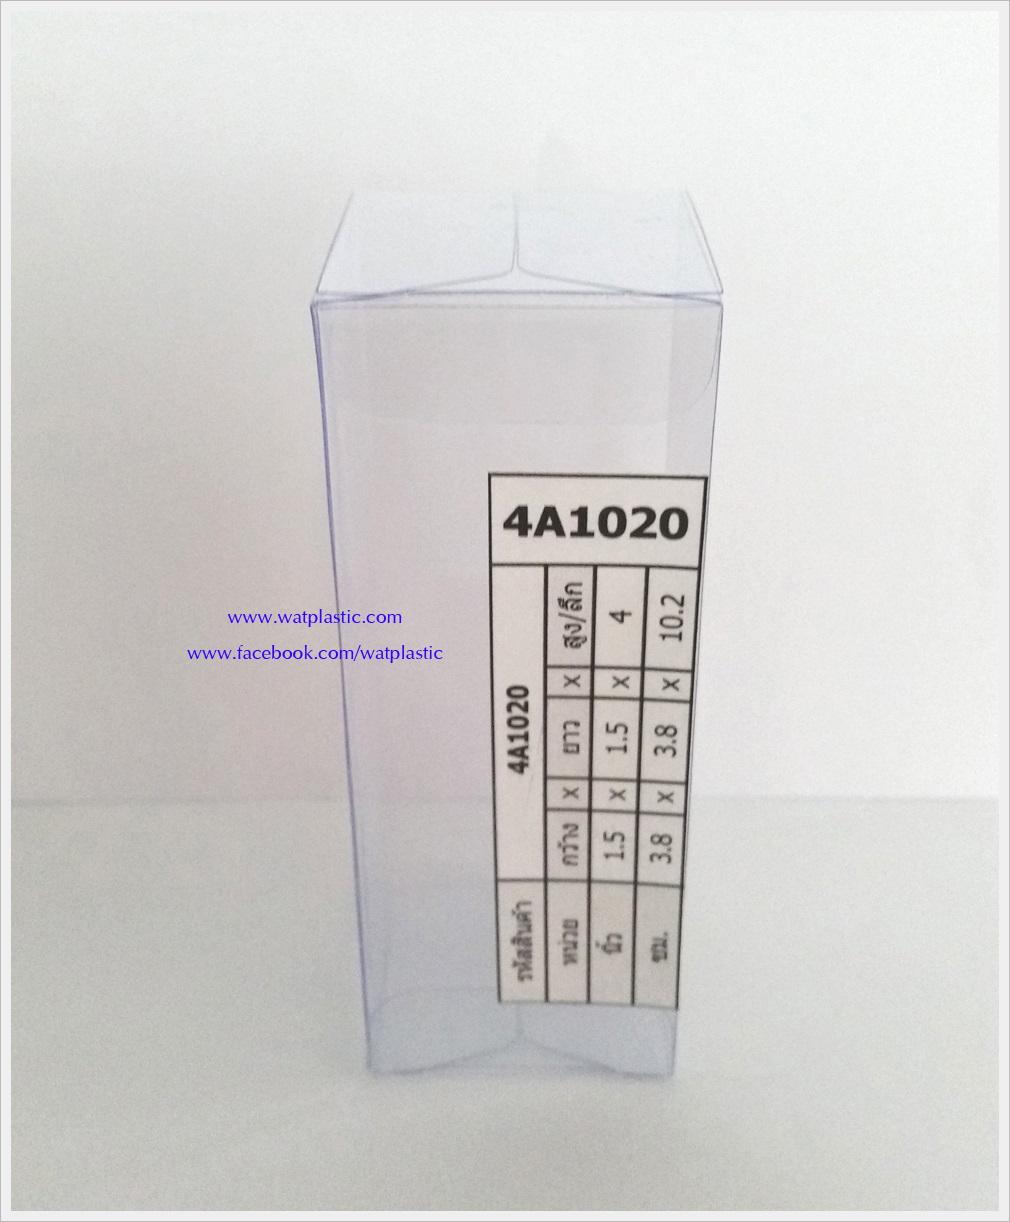 กล่องใส่ขวด-เครื่องสำอางค์-น้ำมันมวย-น้ำมันหอมระเหย ขนาด 1.5 x 1.5 x 4 นิ้ว หรือ 3.8 x 3.8 x 10.2 cm